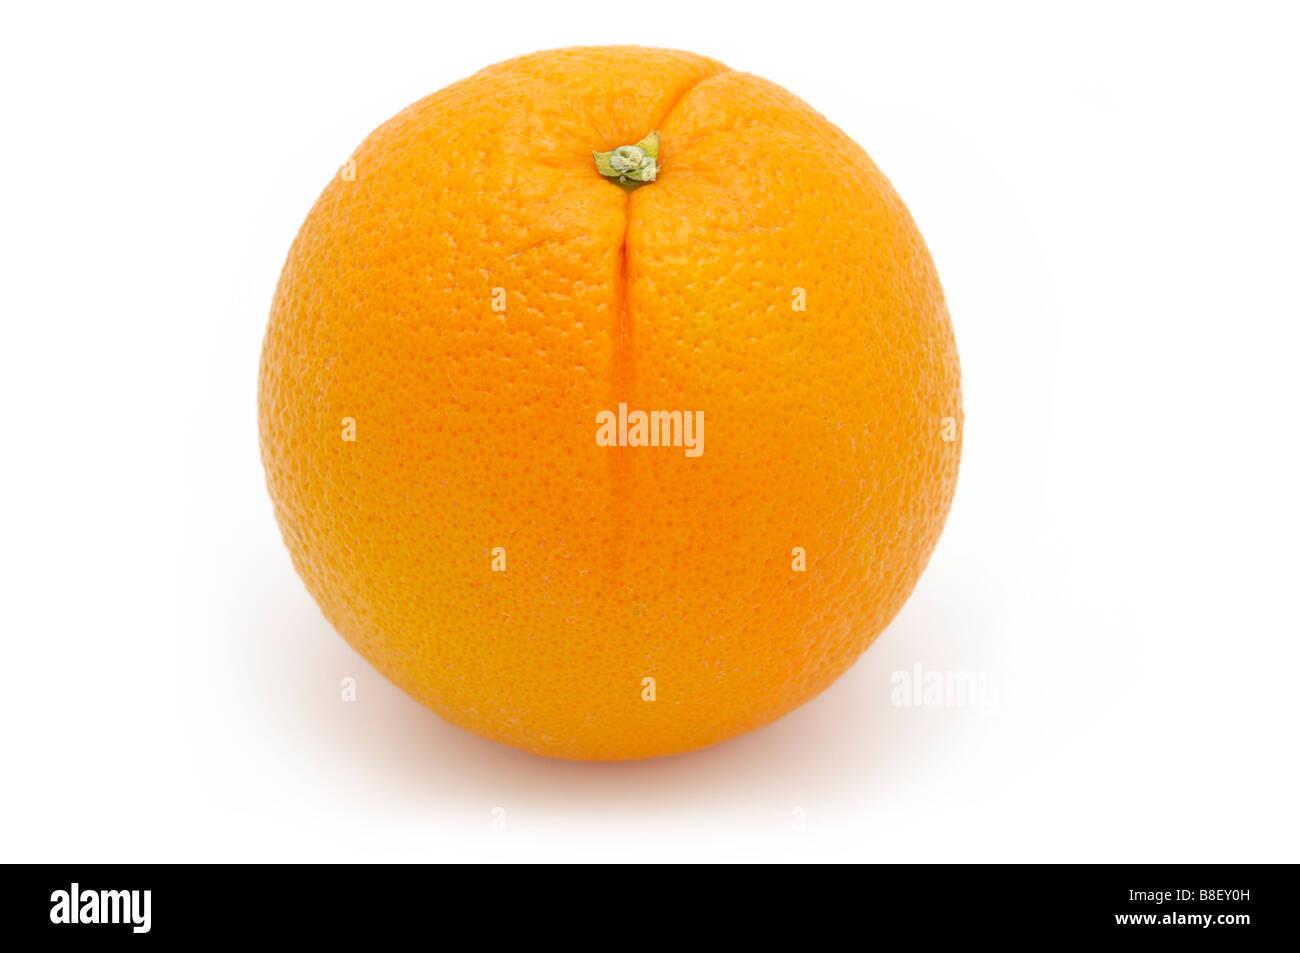 Whole Orange - Stock Image